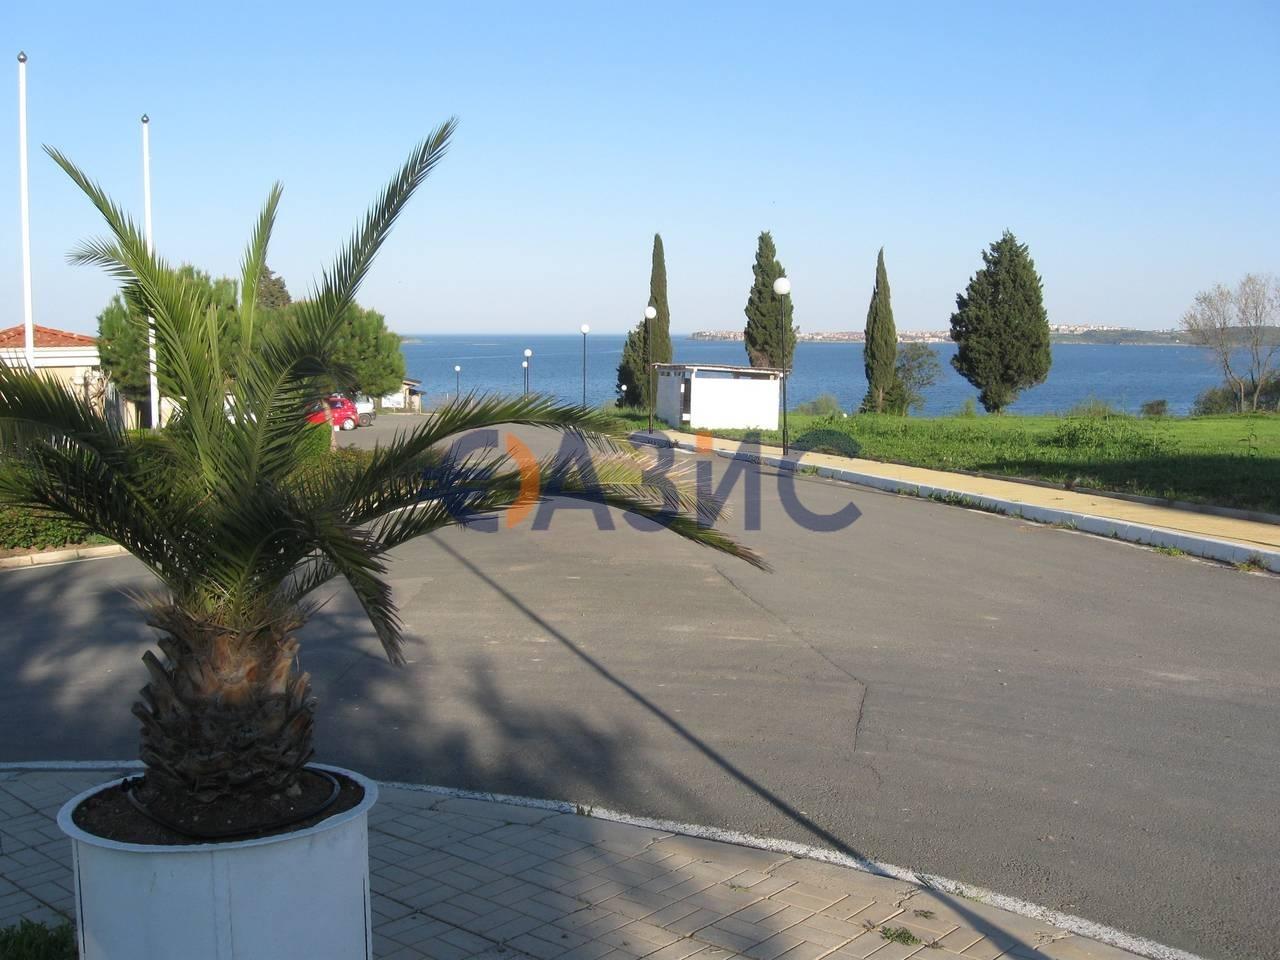 Апартамент с 1 спальней с видом на море, 2эт., Черноморец, Болгария, 2